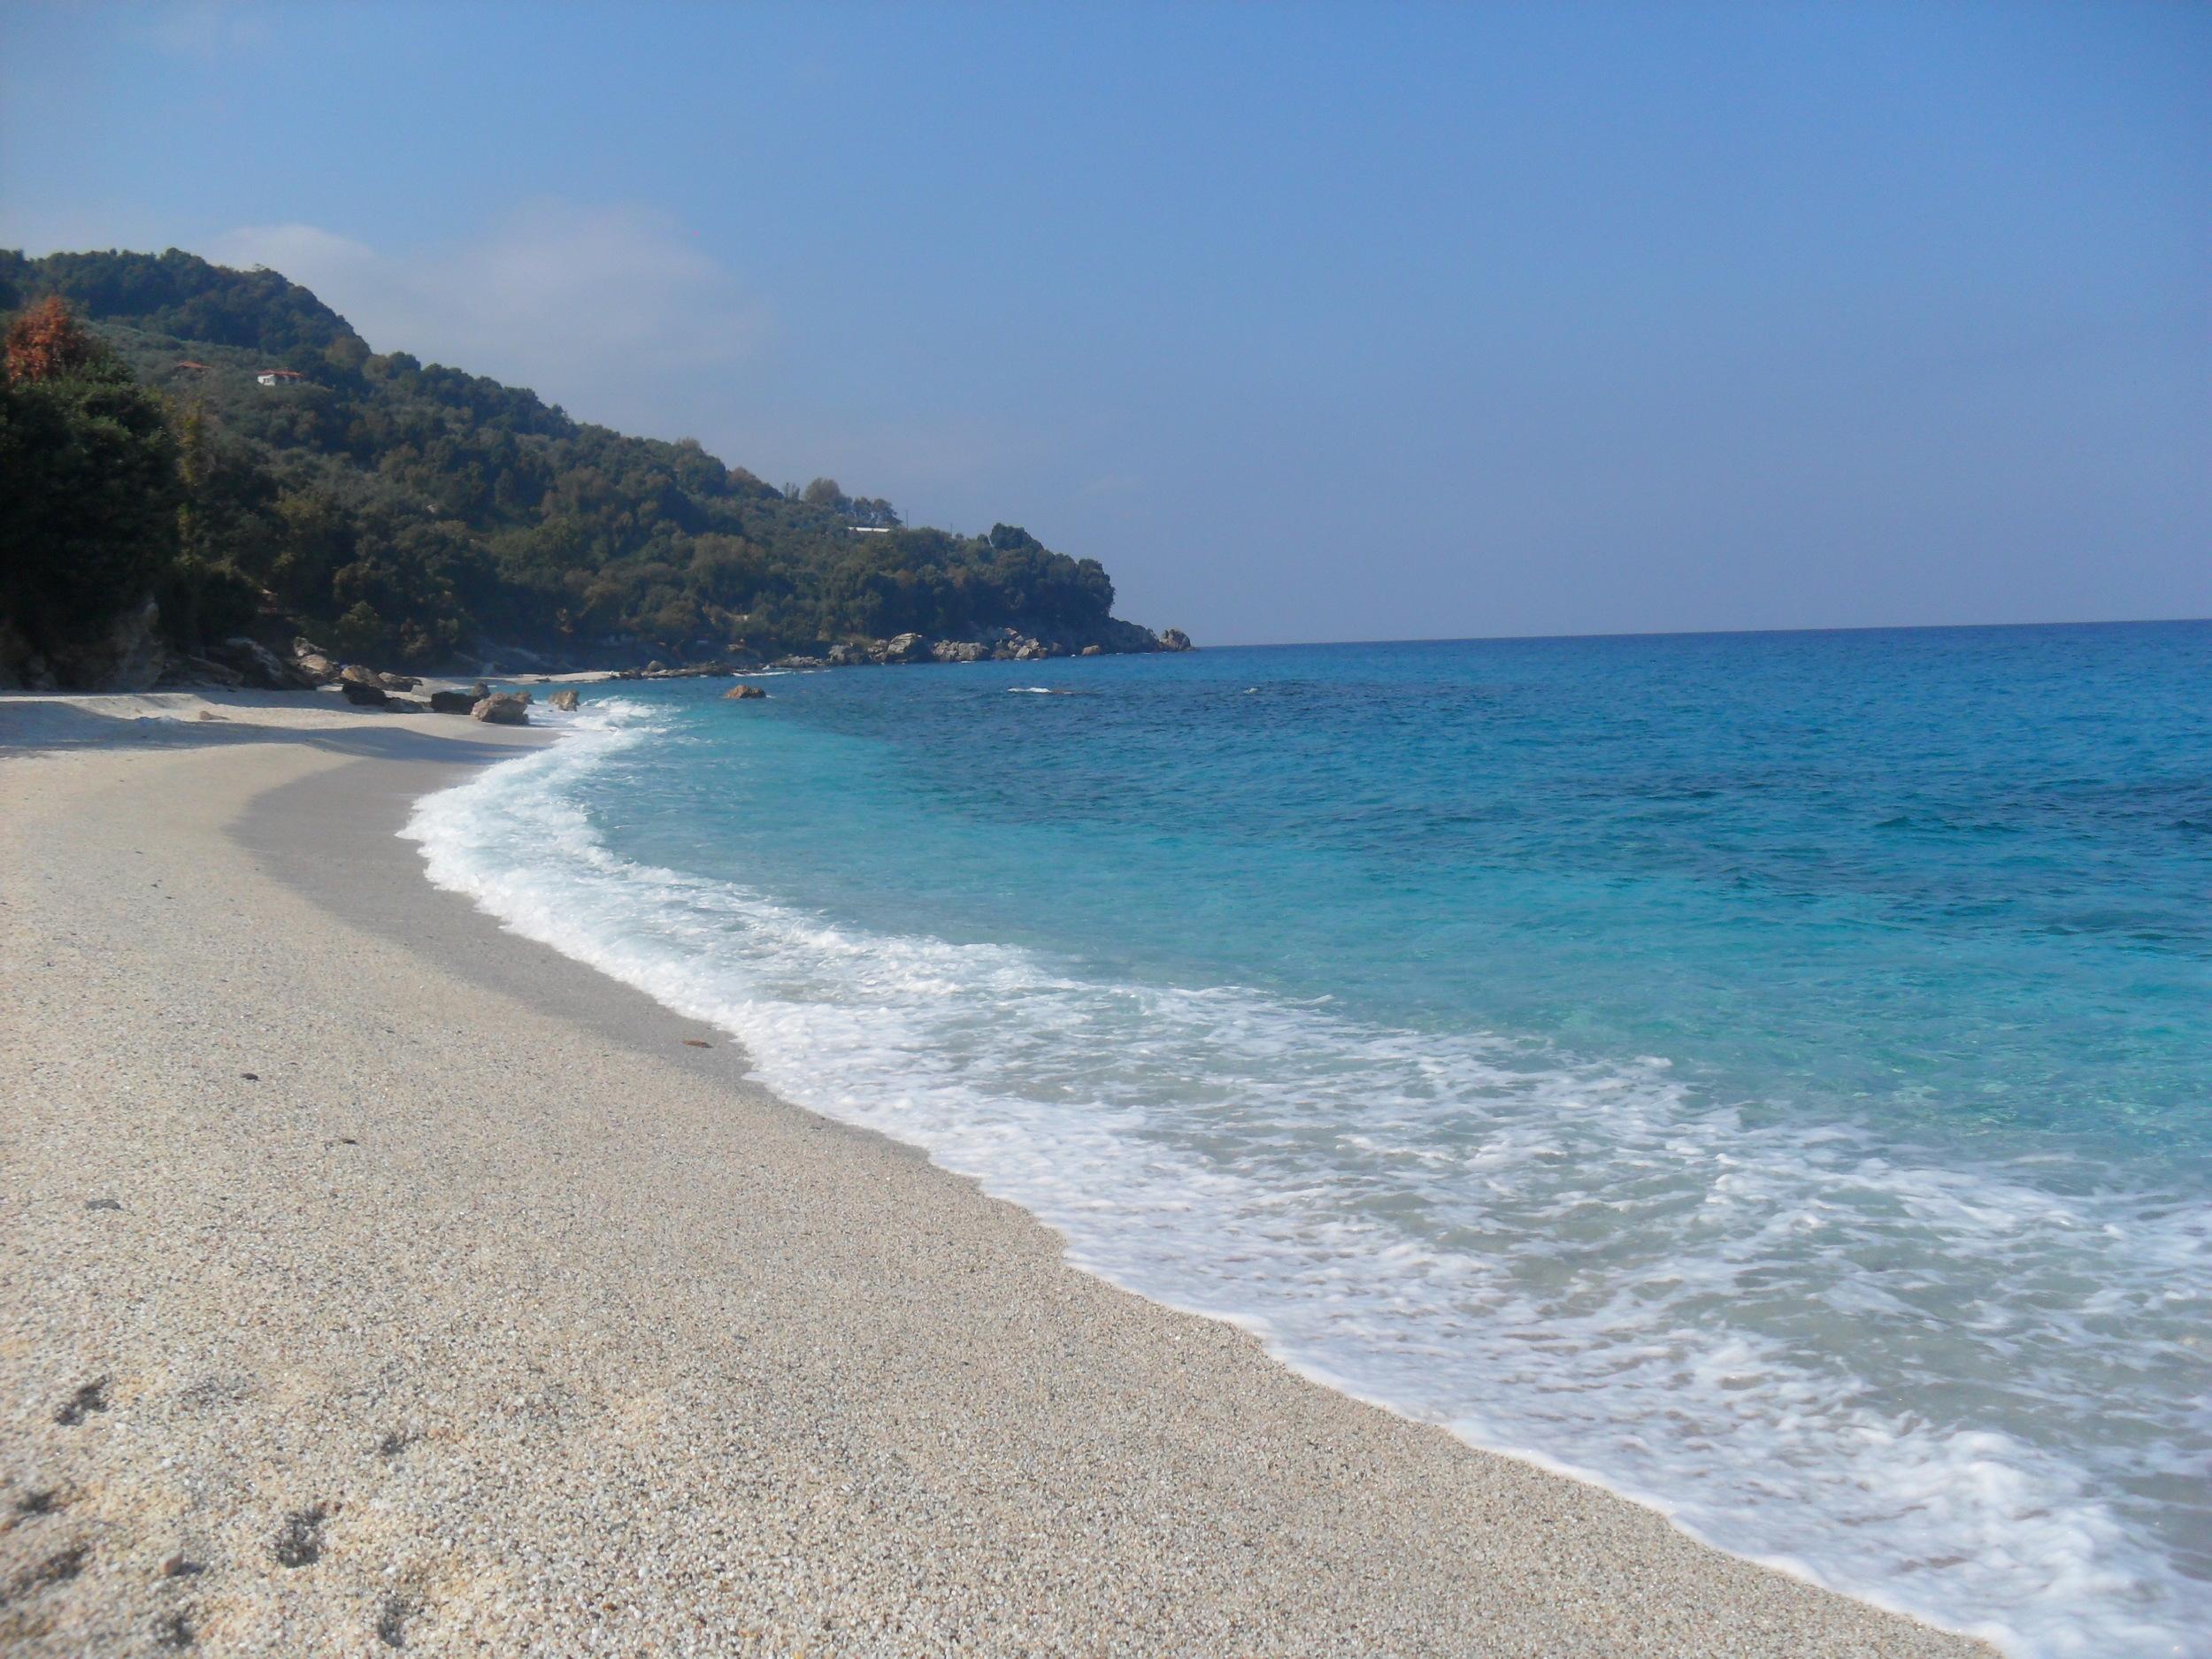 Plaka Beach, Agios Ioannis, Greece